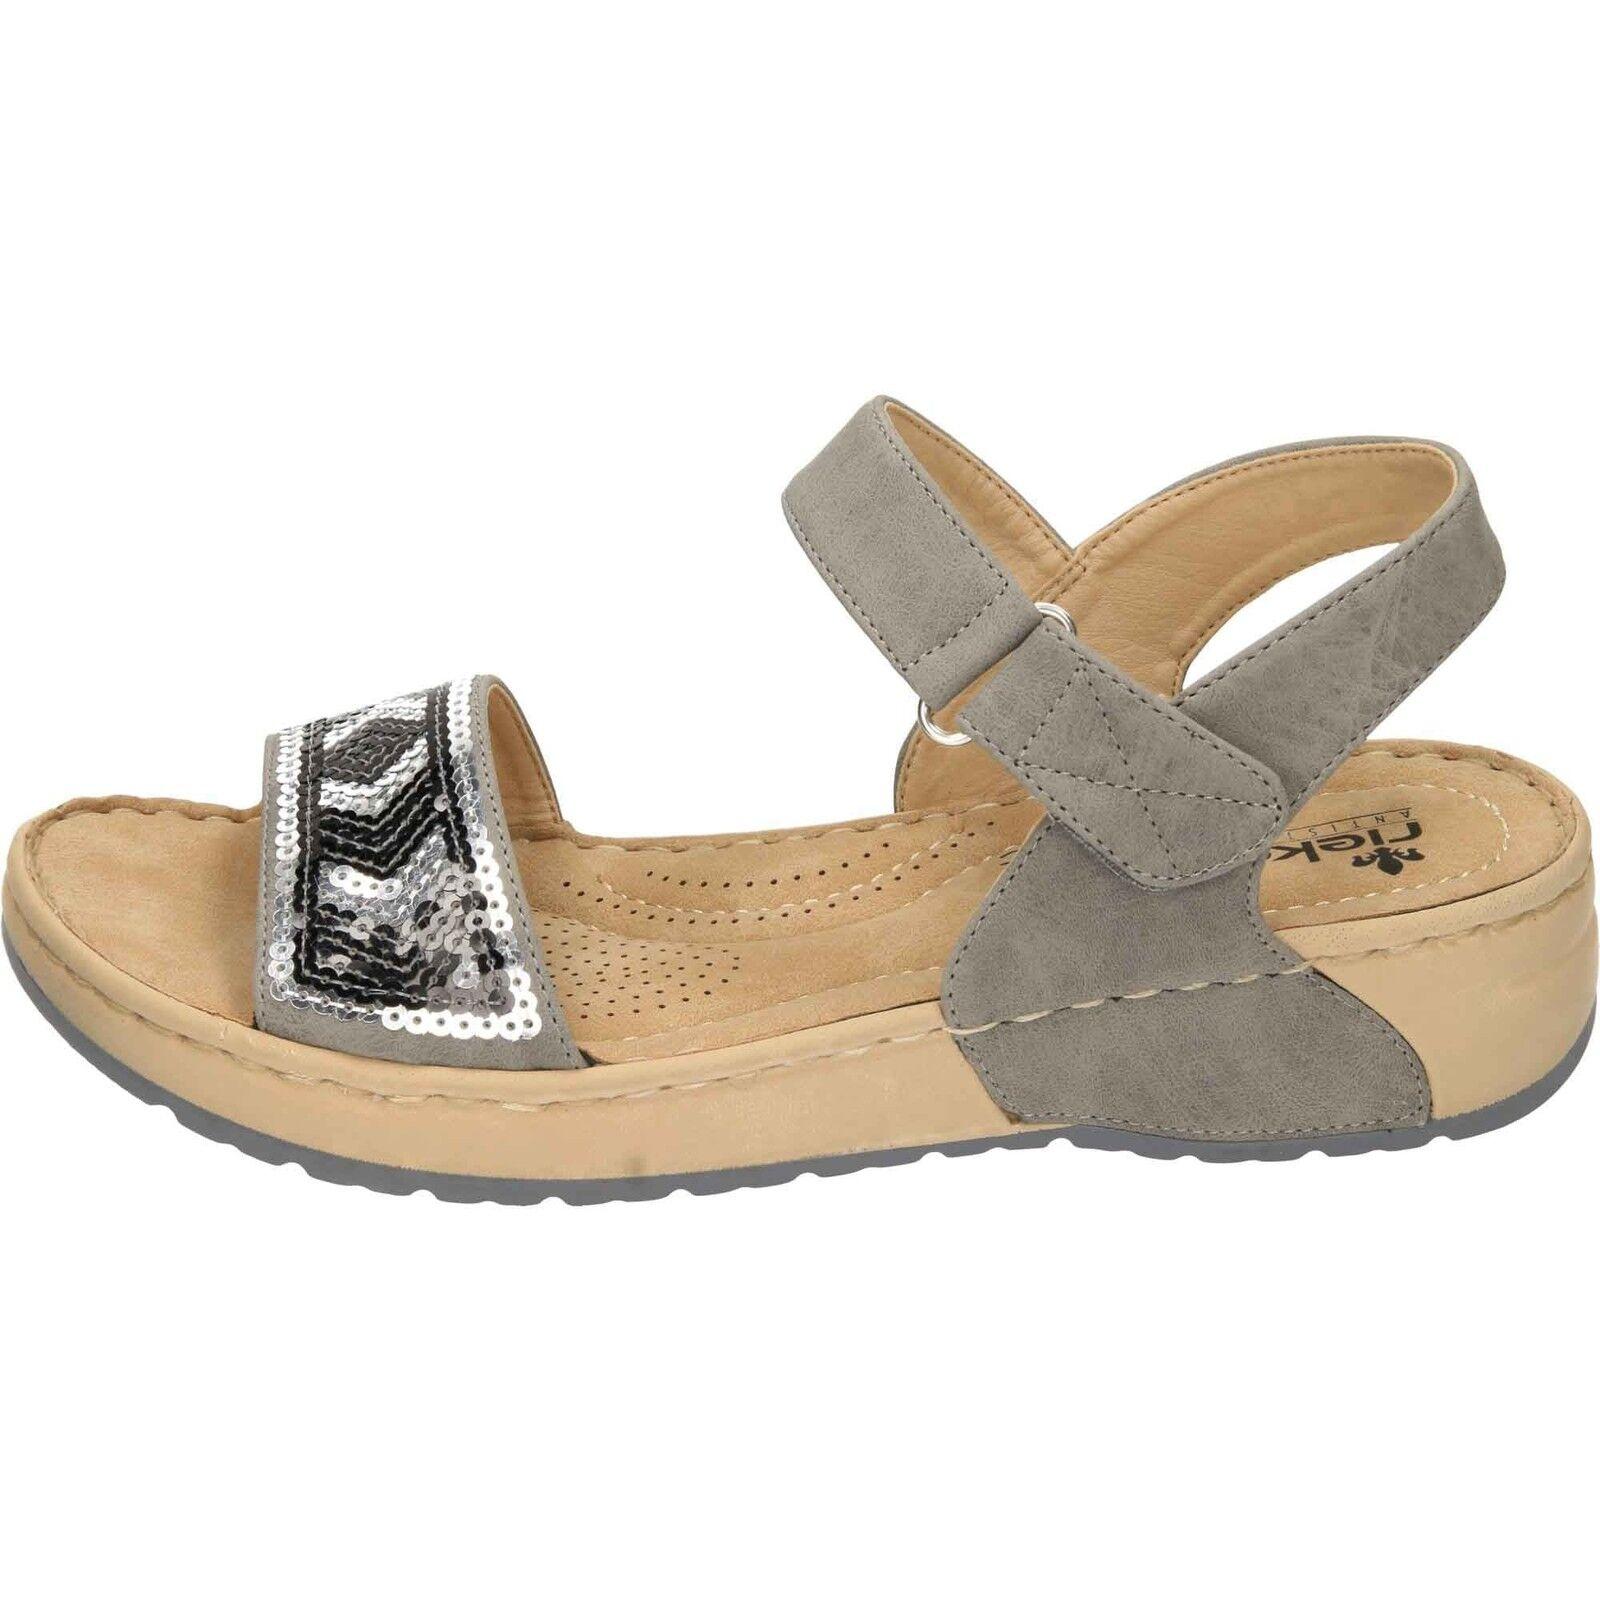 Rieker Wedge Heel Platform V5778-42 Open Toe Sandals Grey V5778-42 Platform Antistress Comfort 591907